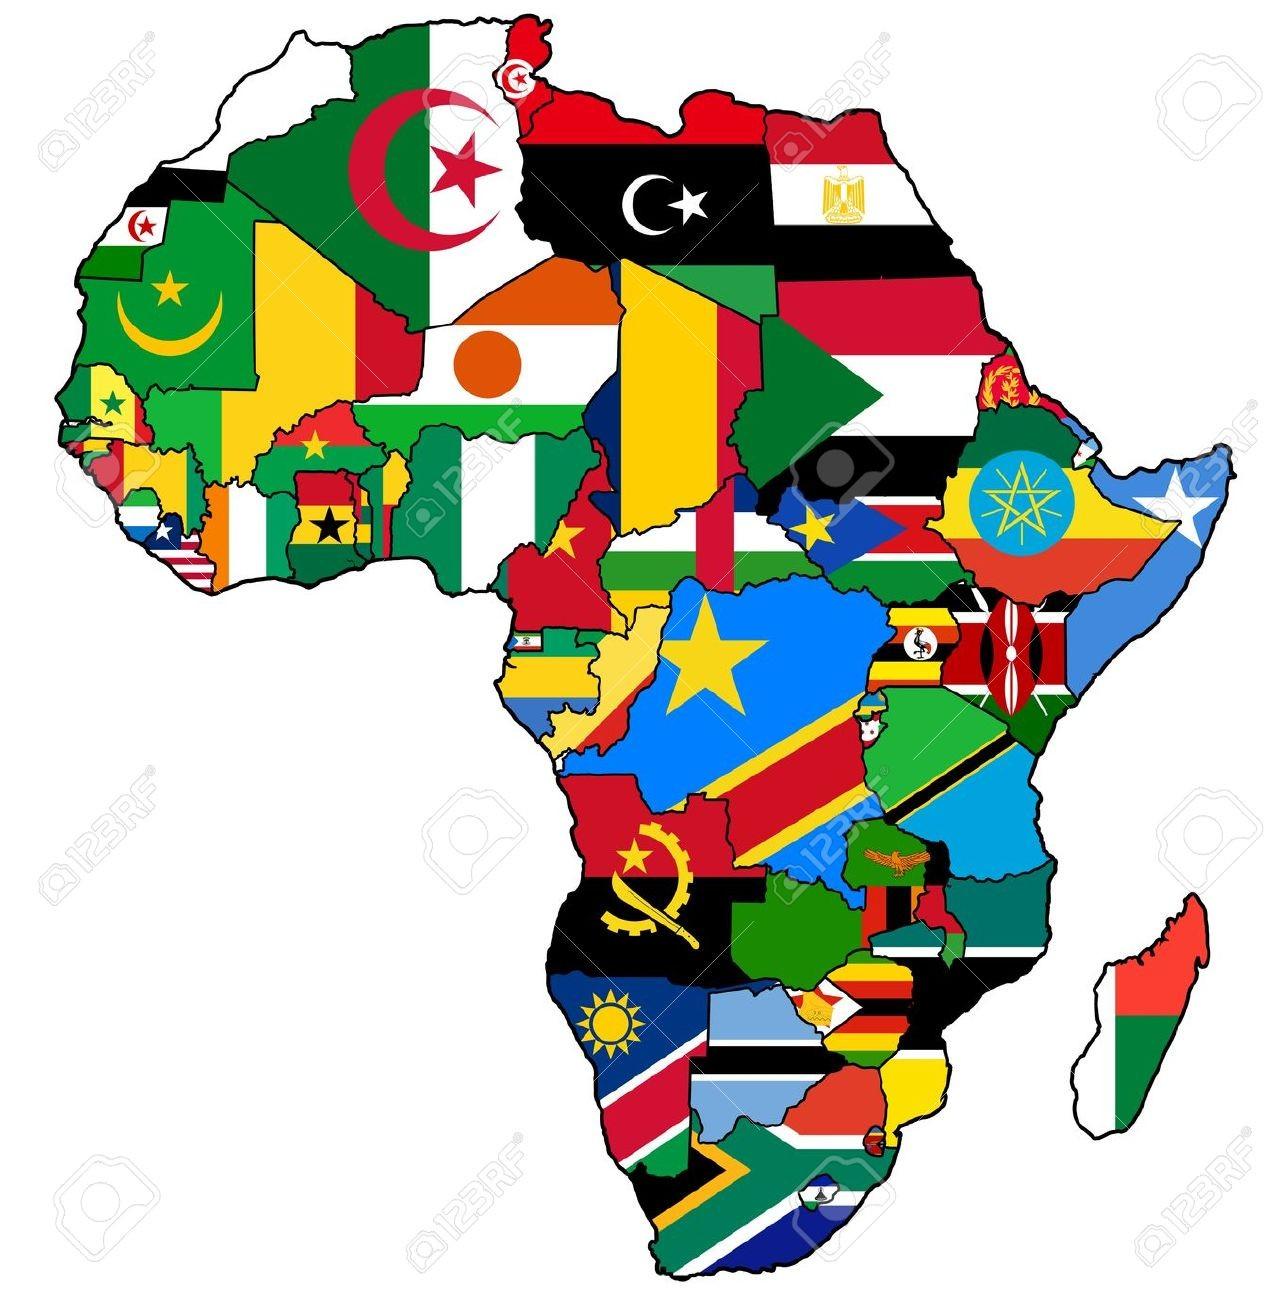 Les capitales du continent africain